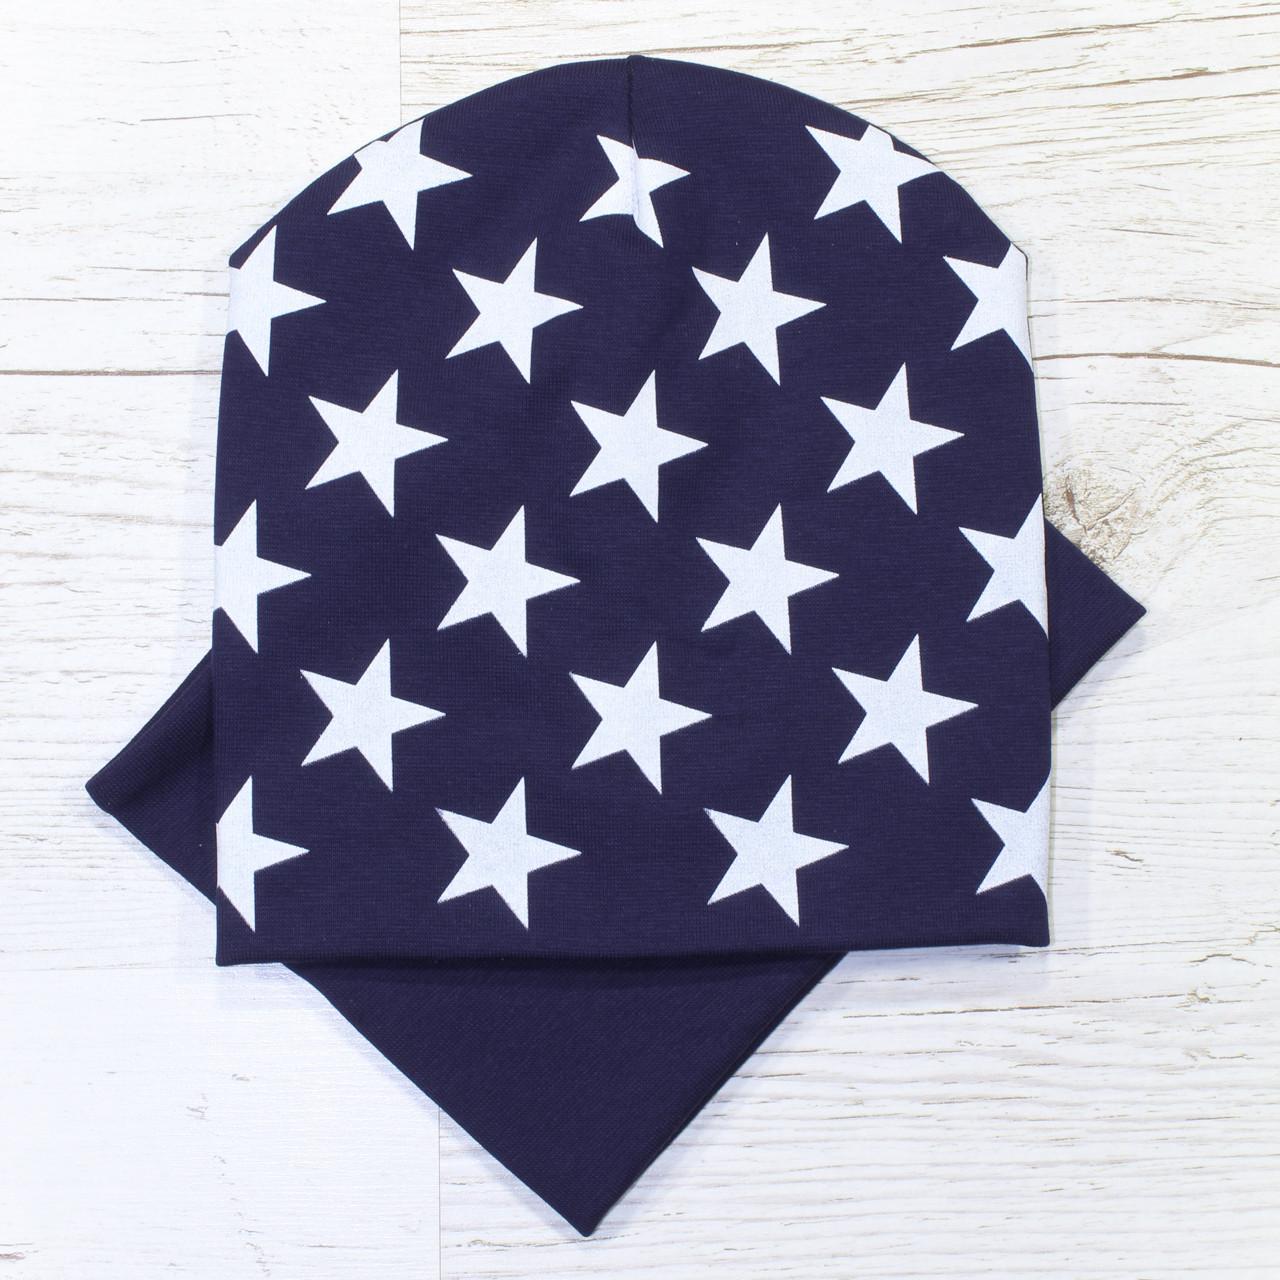 Молодежная двойная Звезды Комплект шапка и хомут т.синий 52-56р.